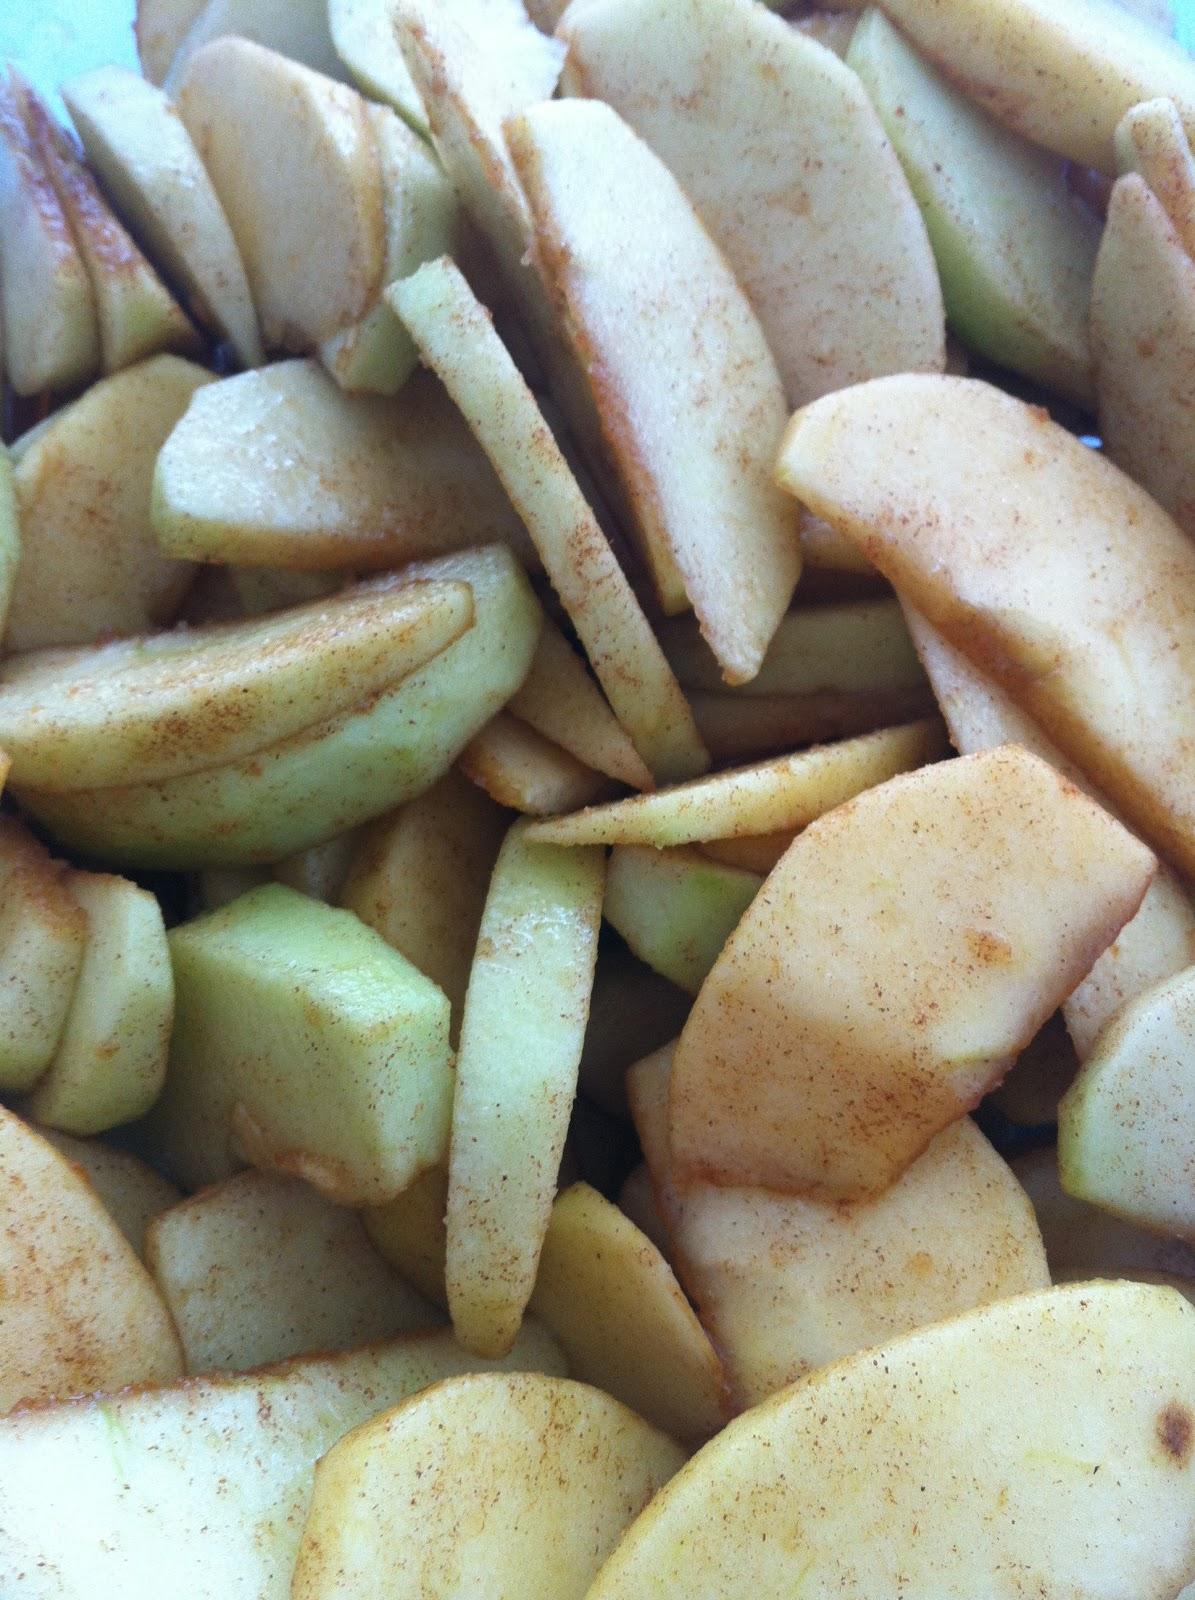 Escorra as maçãs e, numa tigela grande, misture à elas os açúcares, a canela, o sal, a noz moscada e o amido de milho.